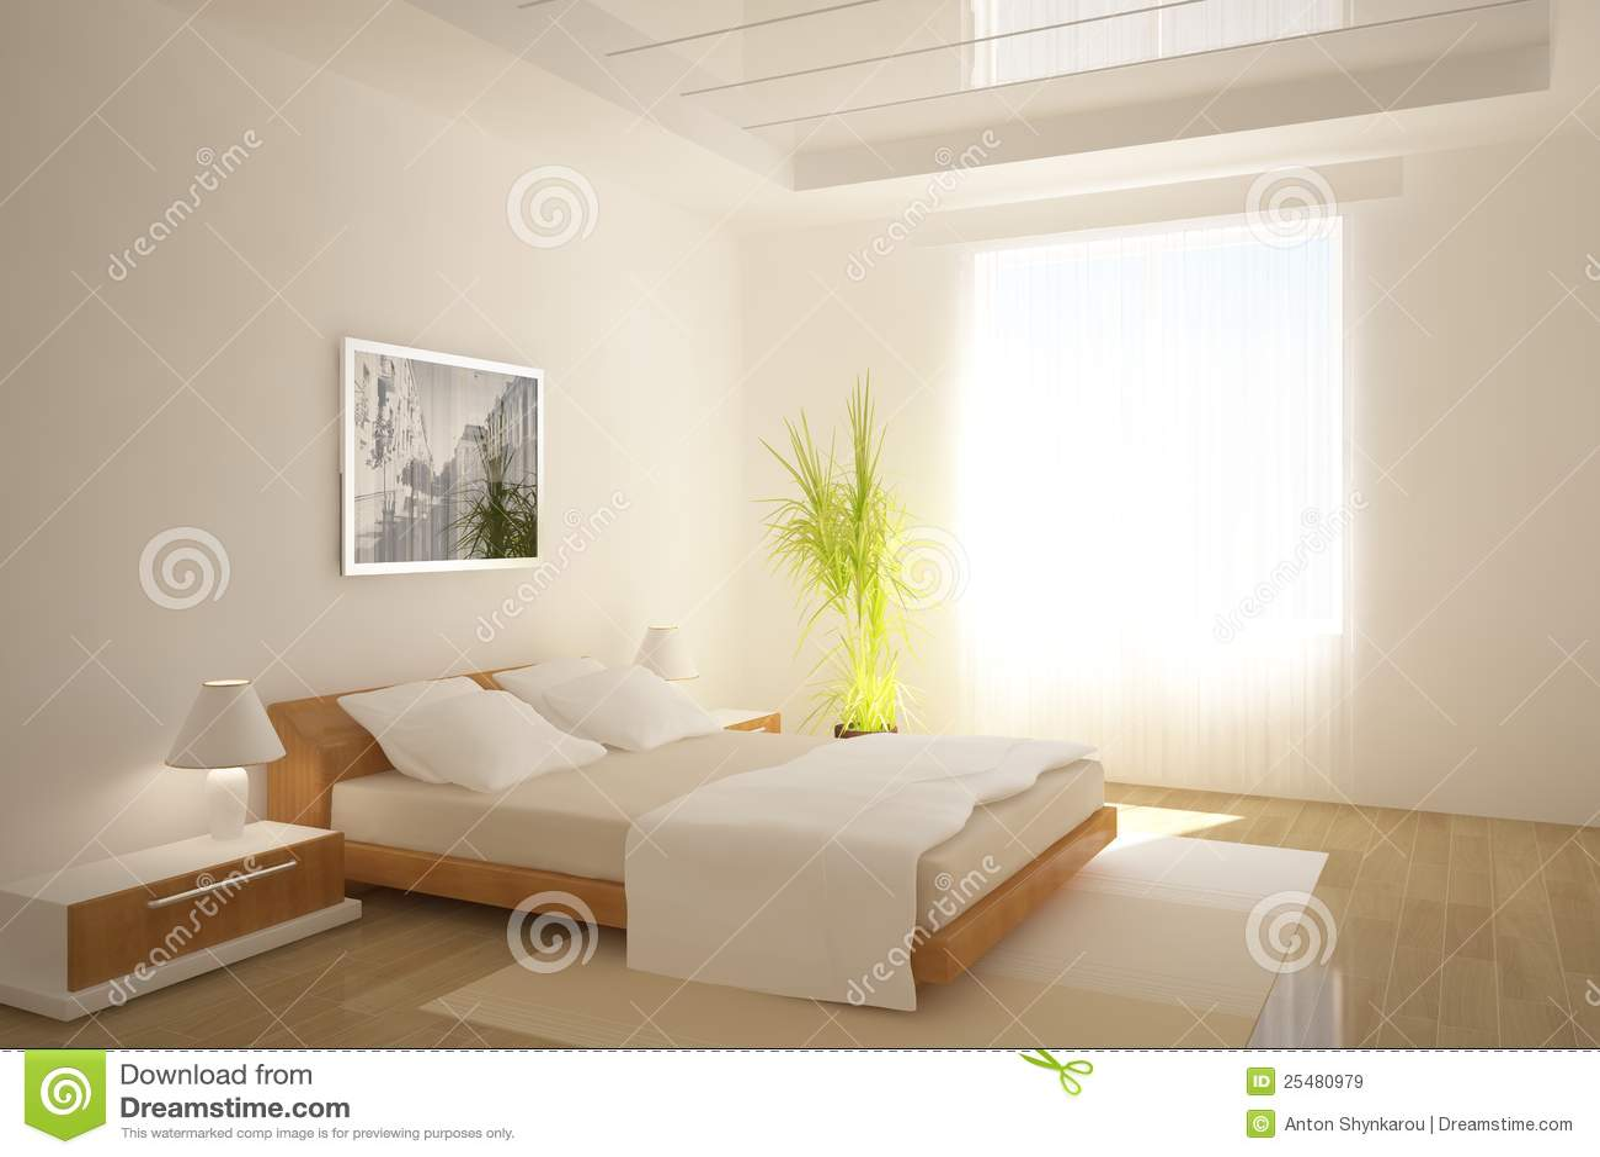 Disegno interno della camera da letto bianca illustrazione di stock illustrazione di - Camera da letto moderna bianca laccata ...